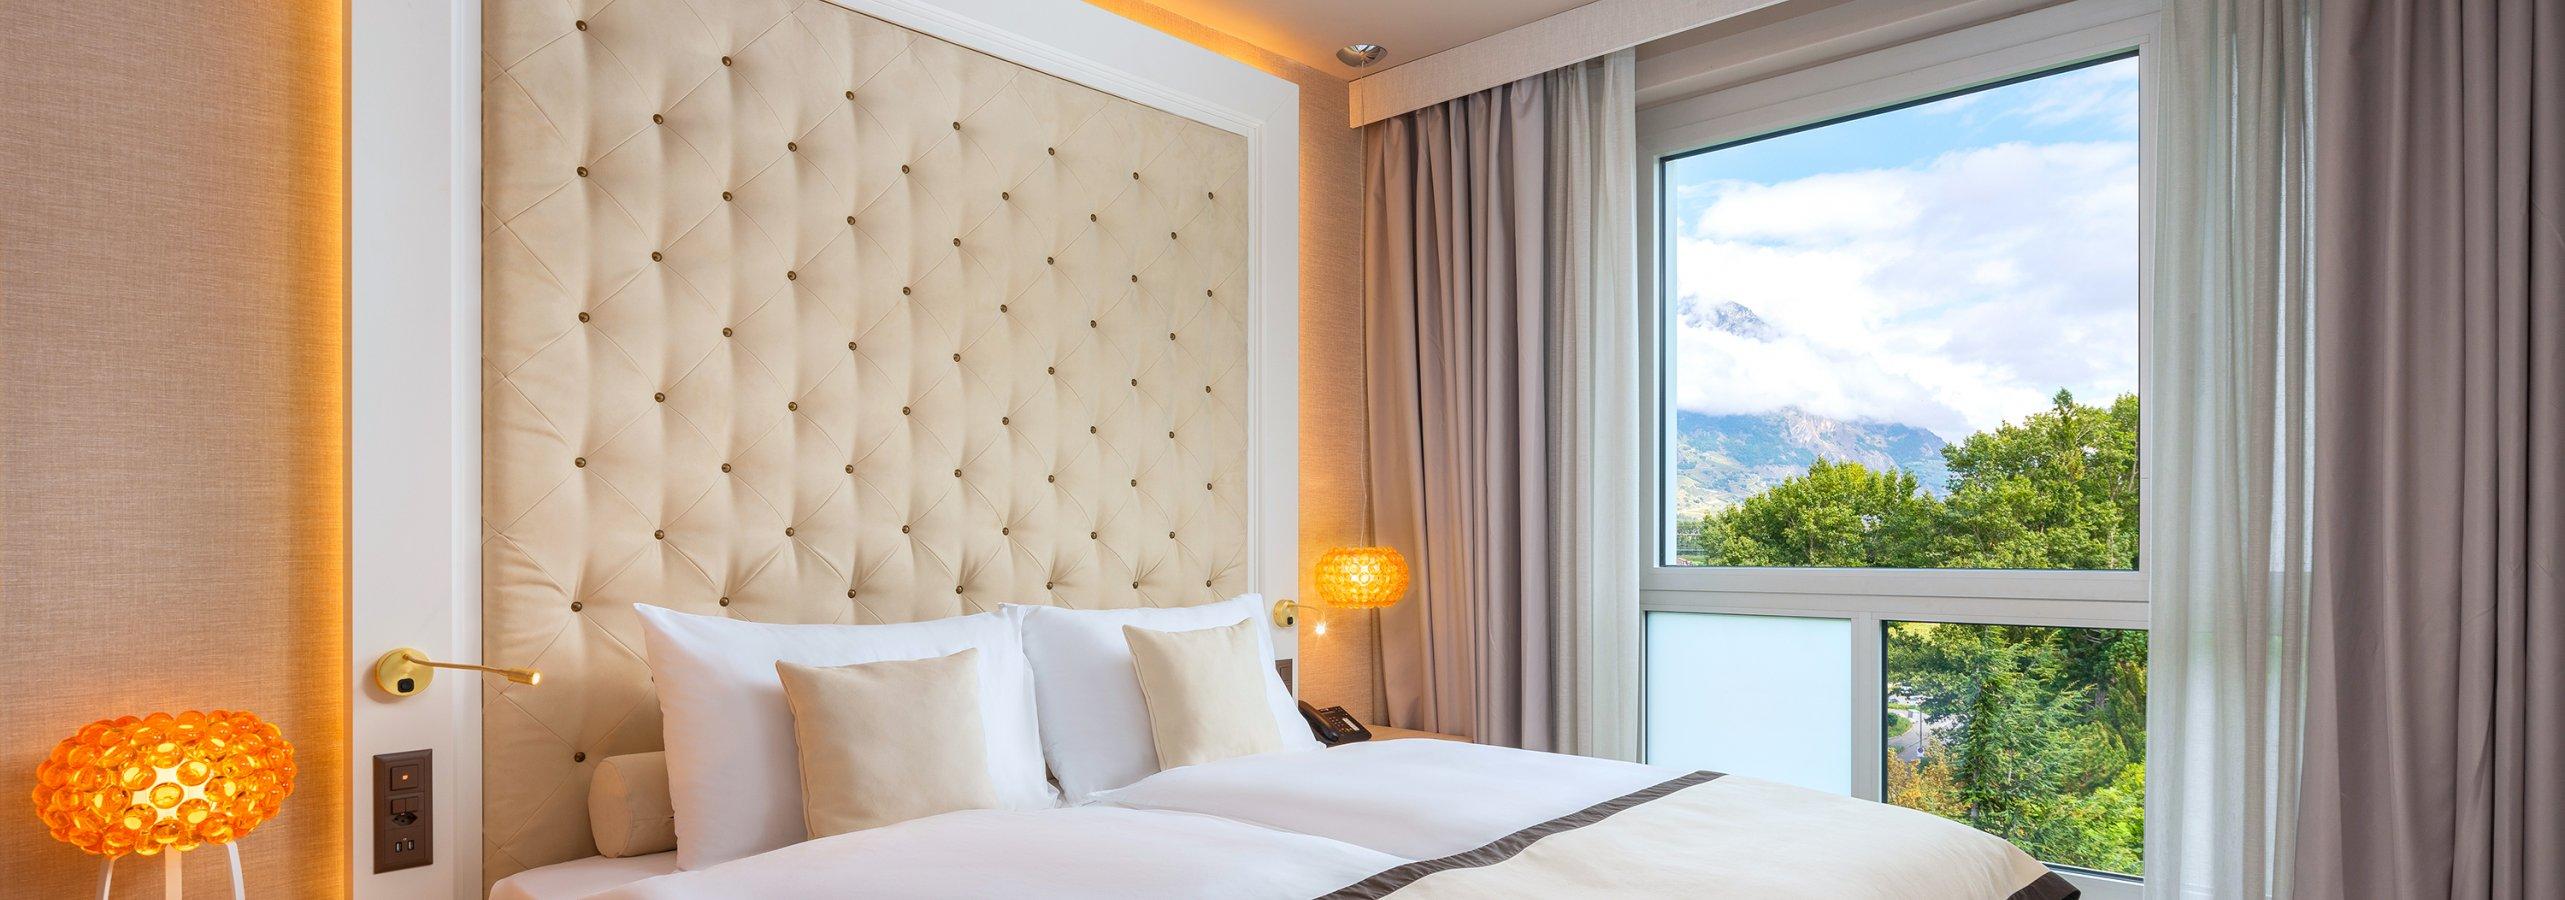 Hotel Vatel Martigny, Chambres et Suites